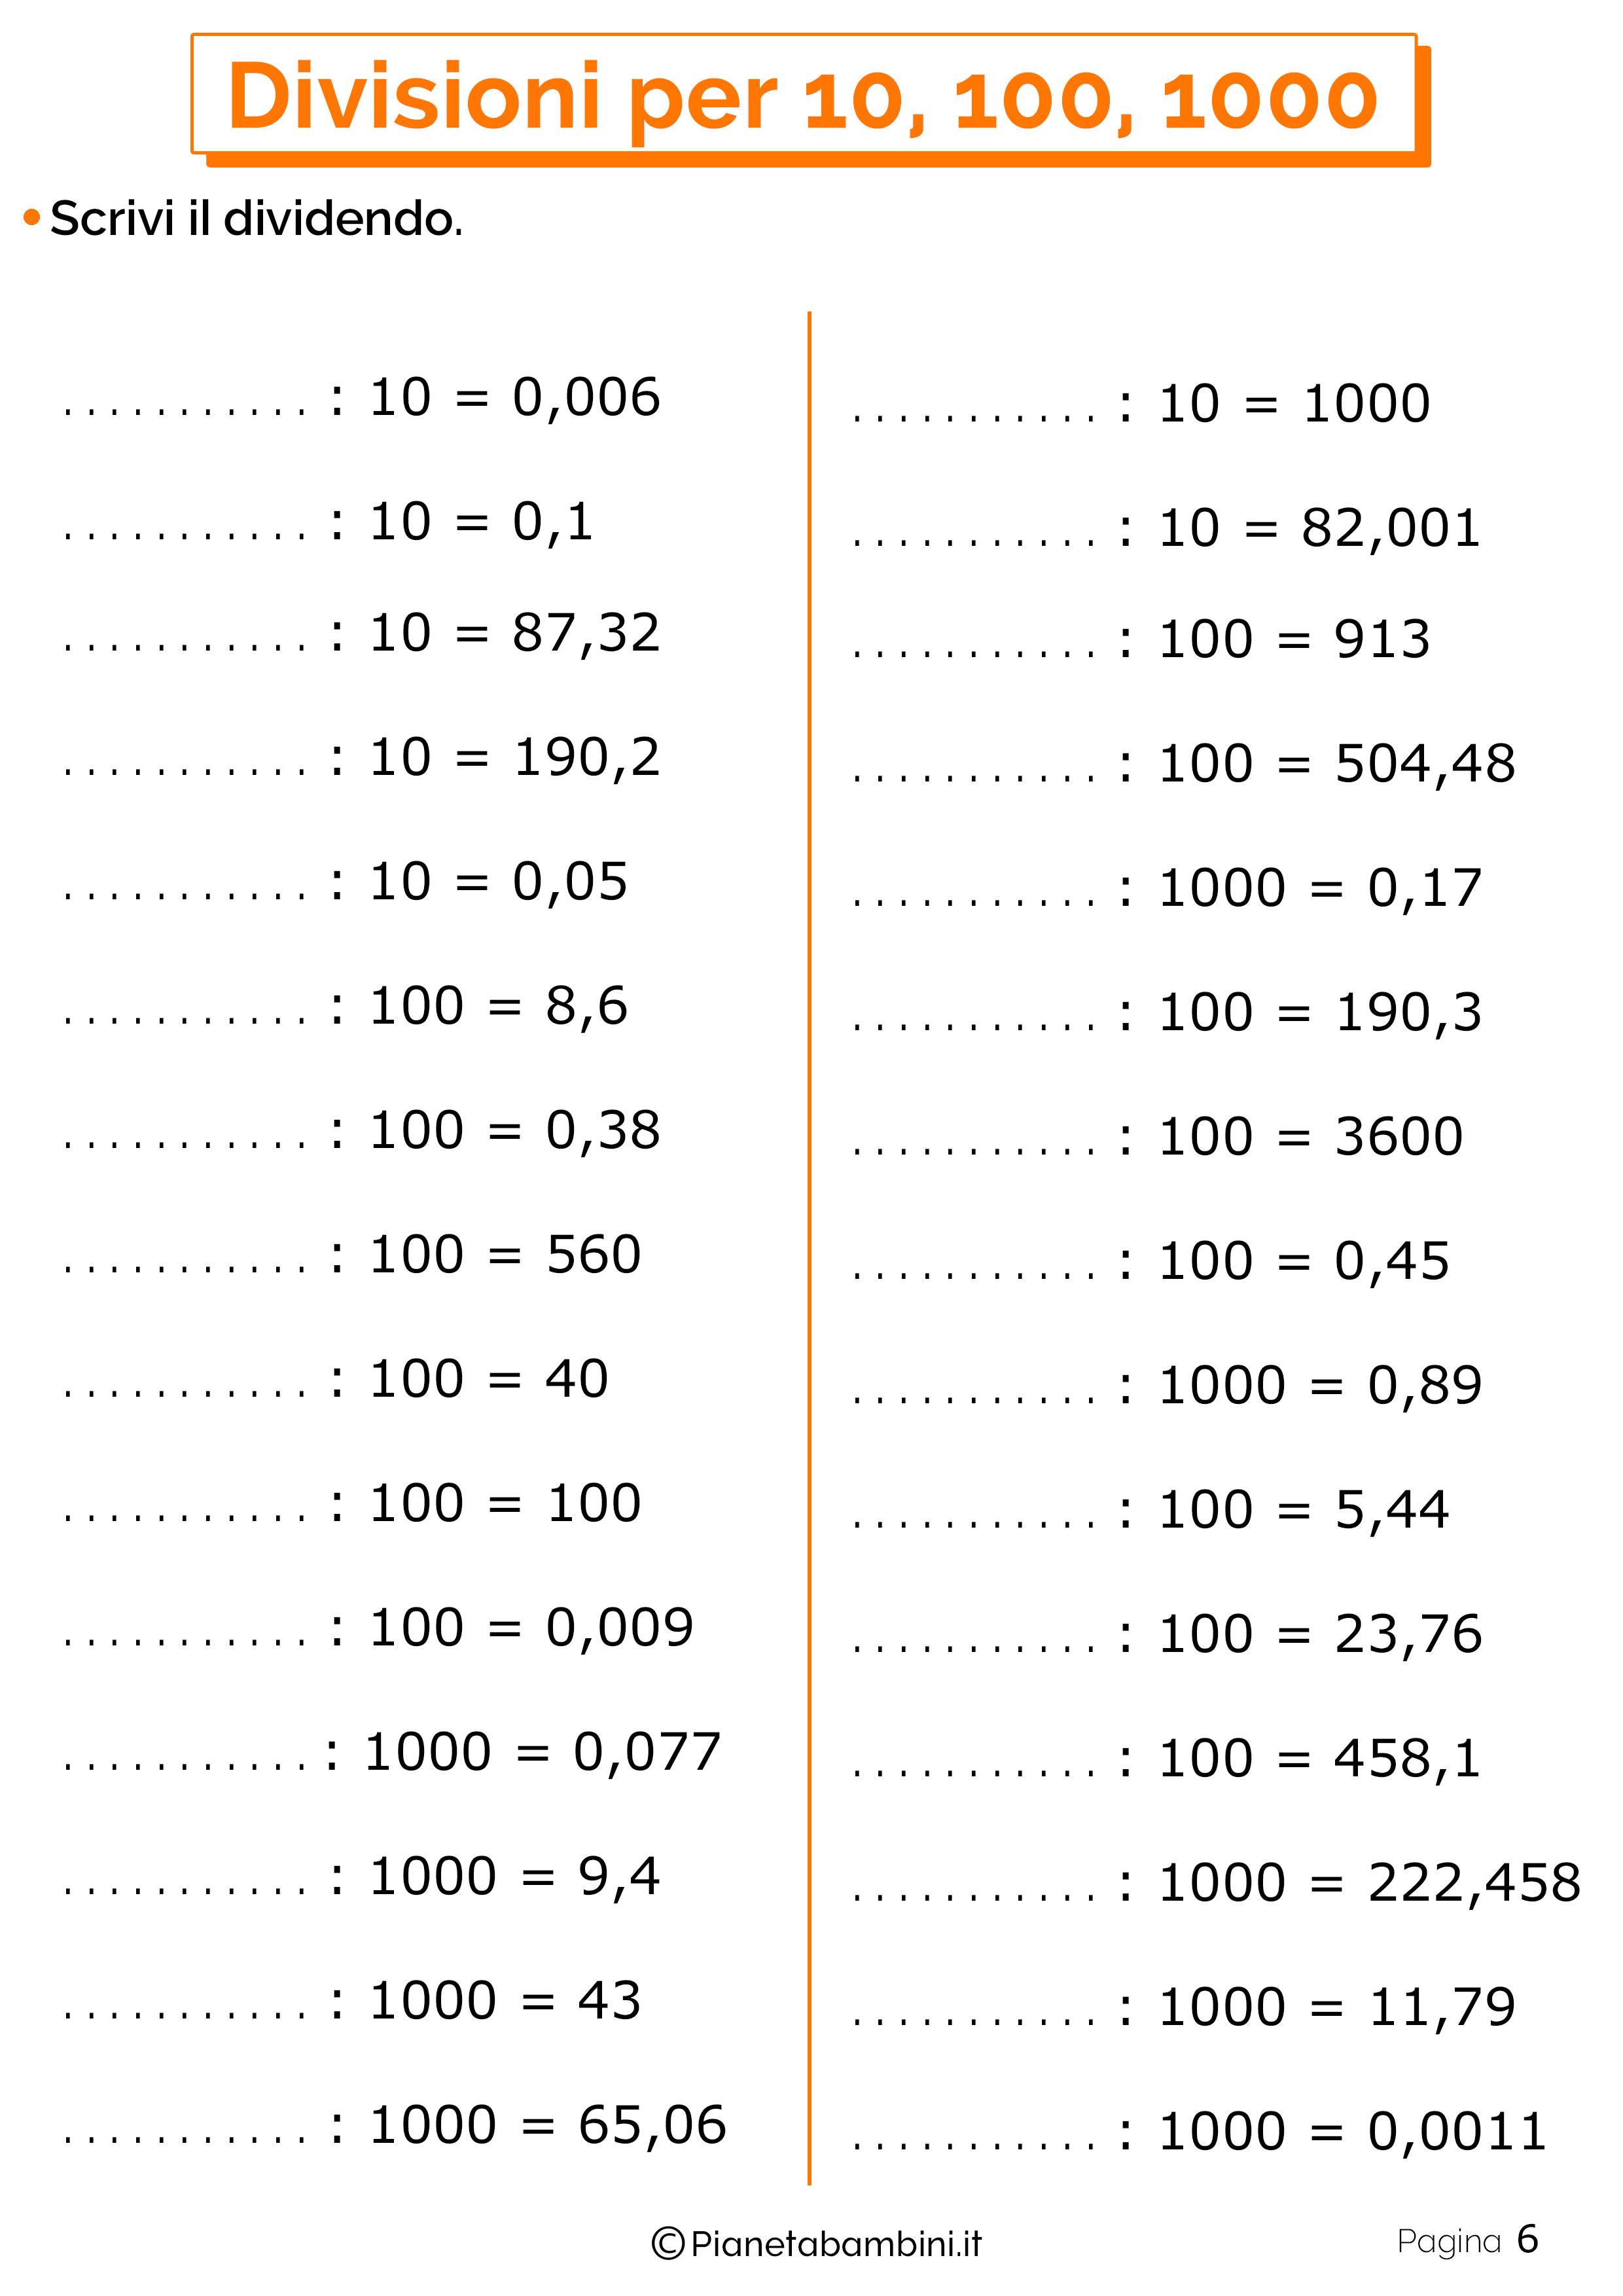 Schede didattiche divisioni per 10-100-1000 6